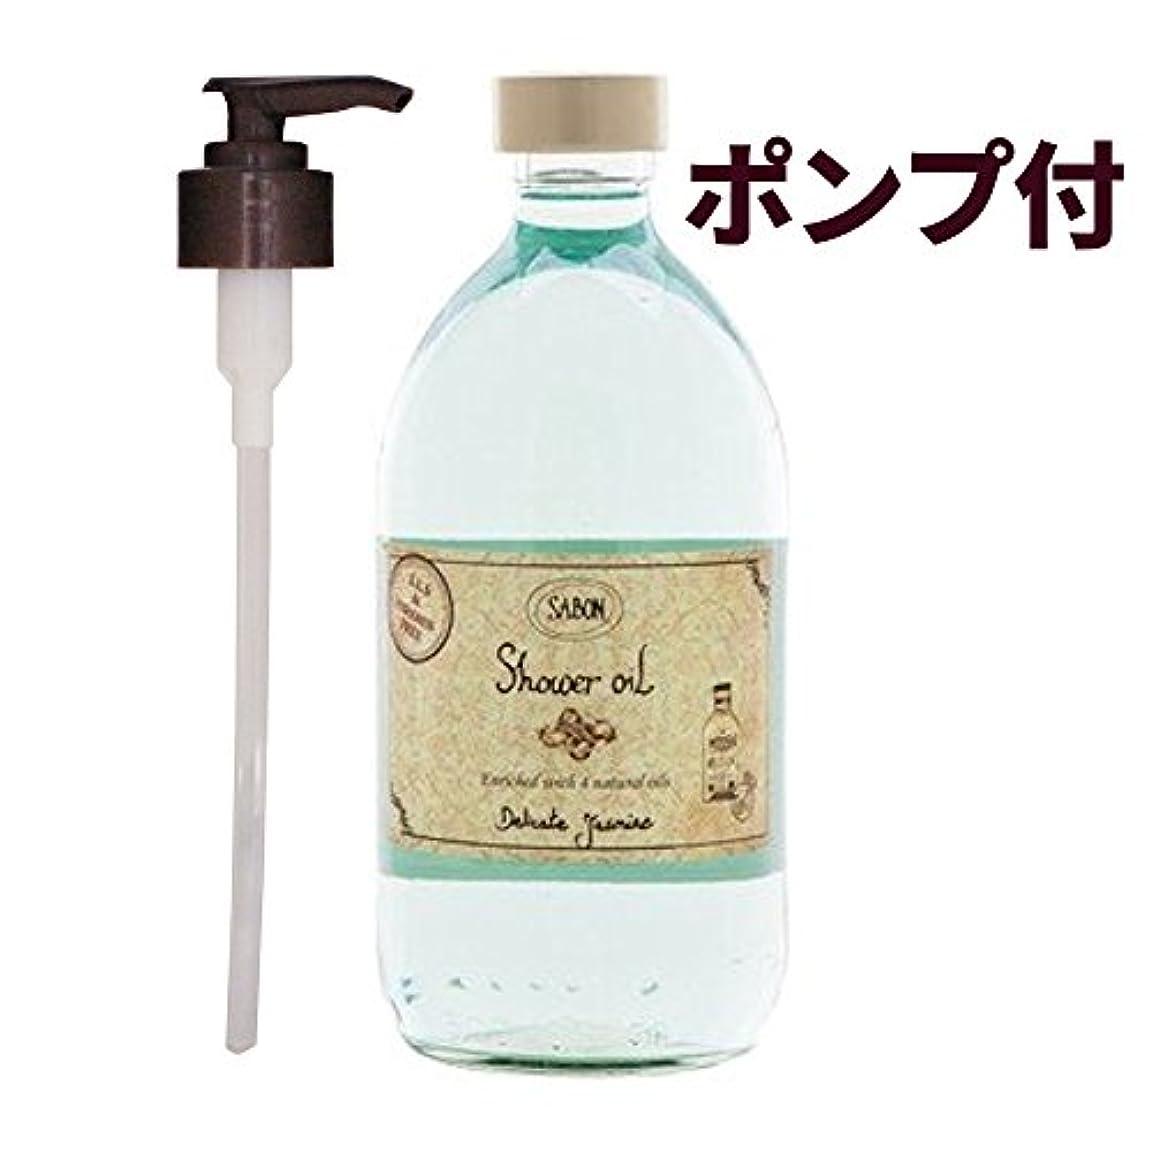 見ましたオピエート中古サボン シャワーオイル デリケートジャスミン500ml(並行輸入品)